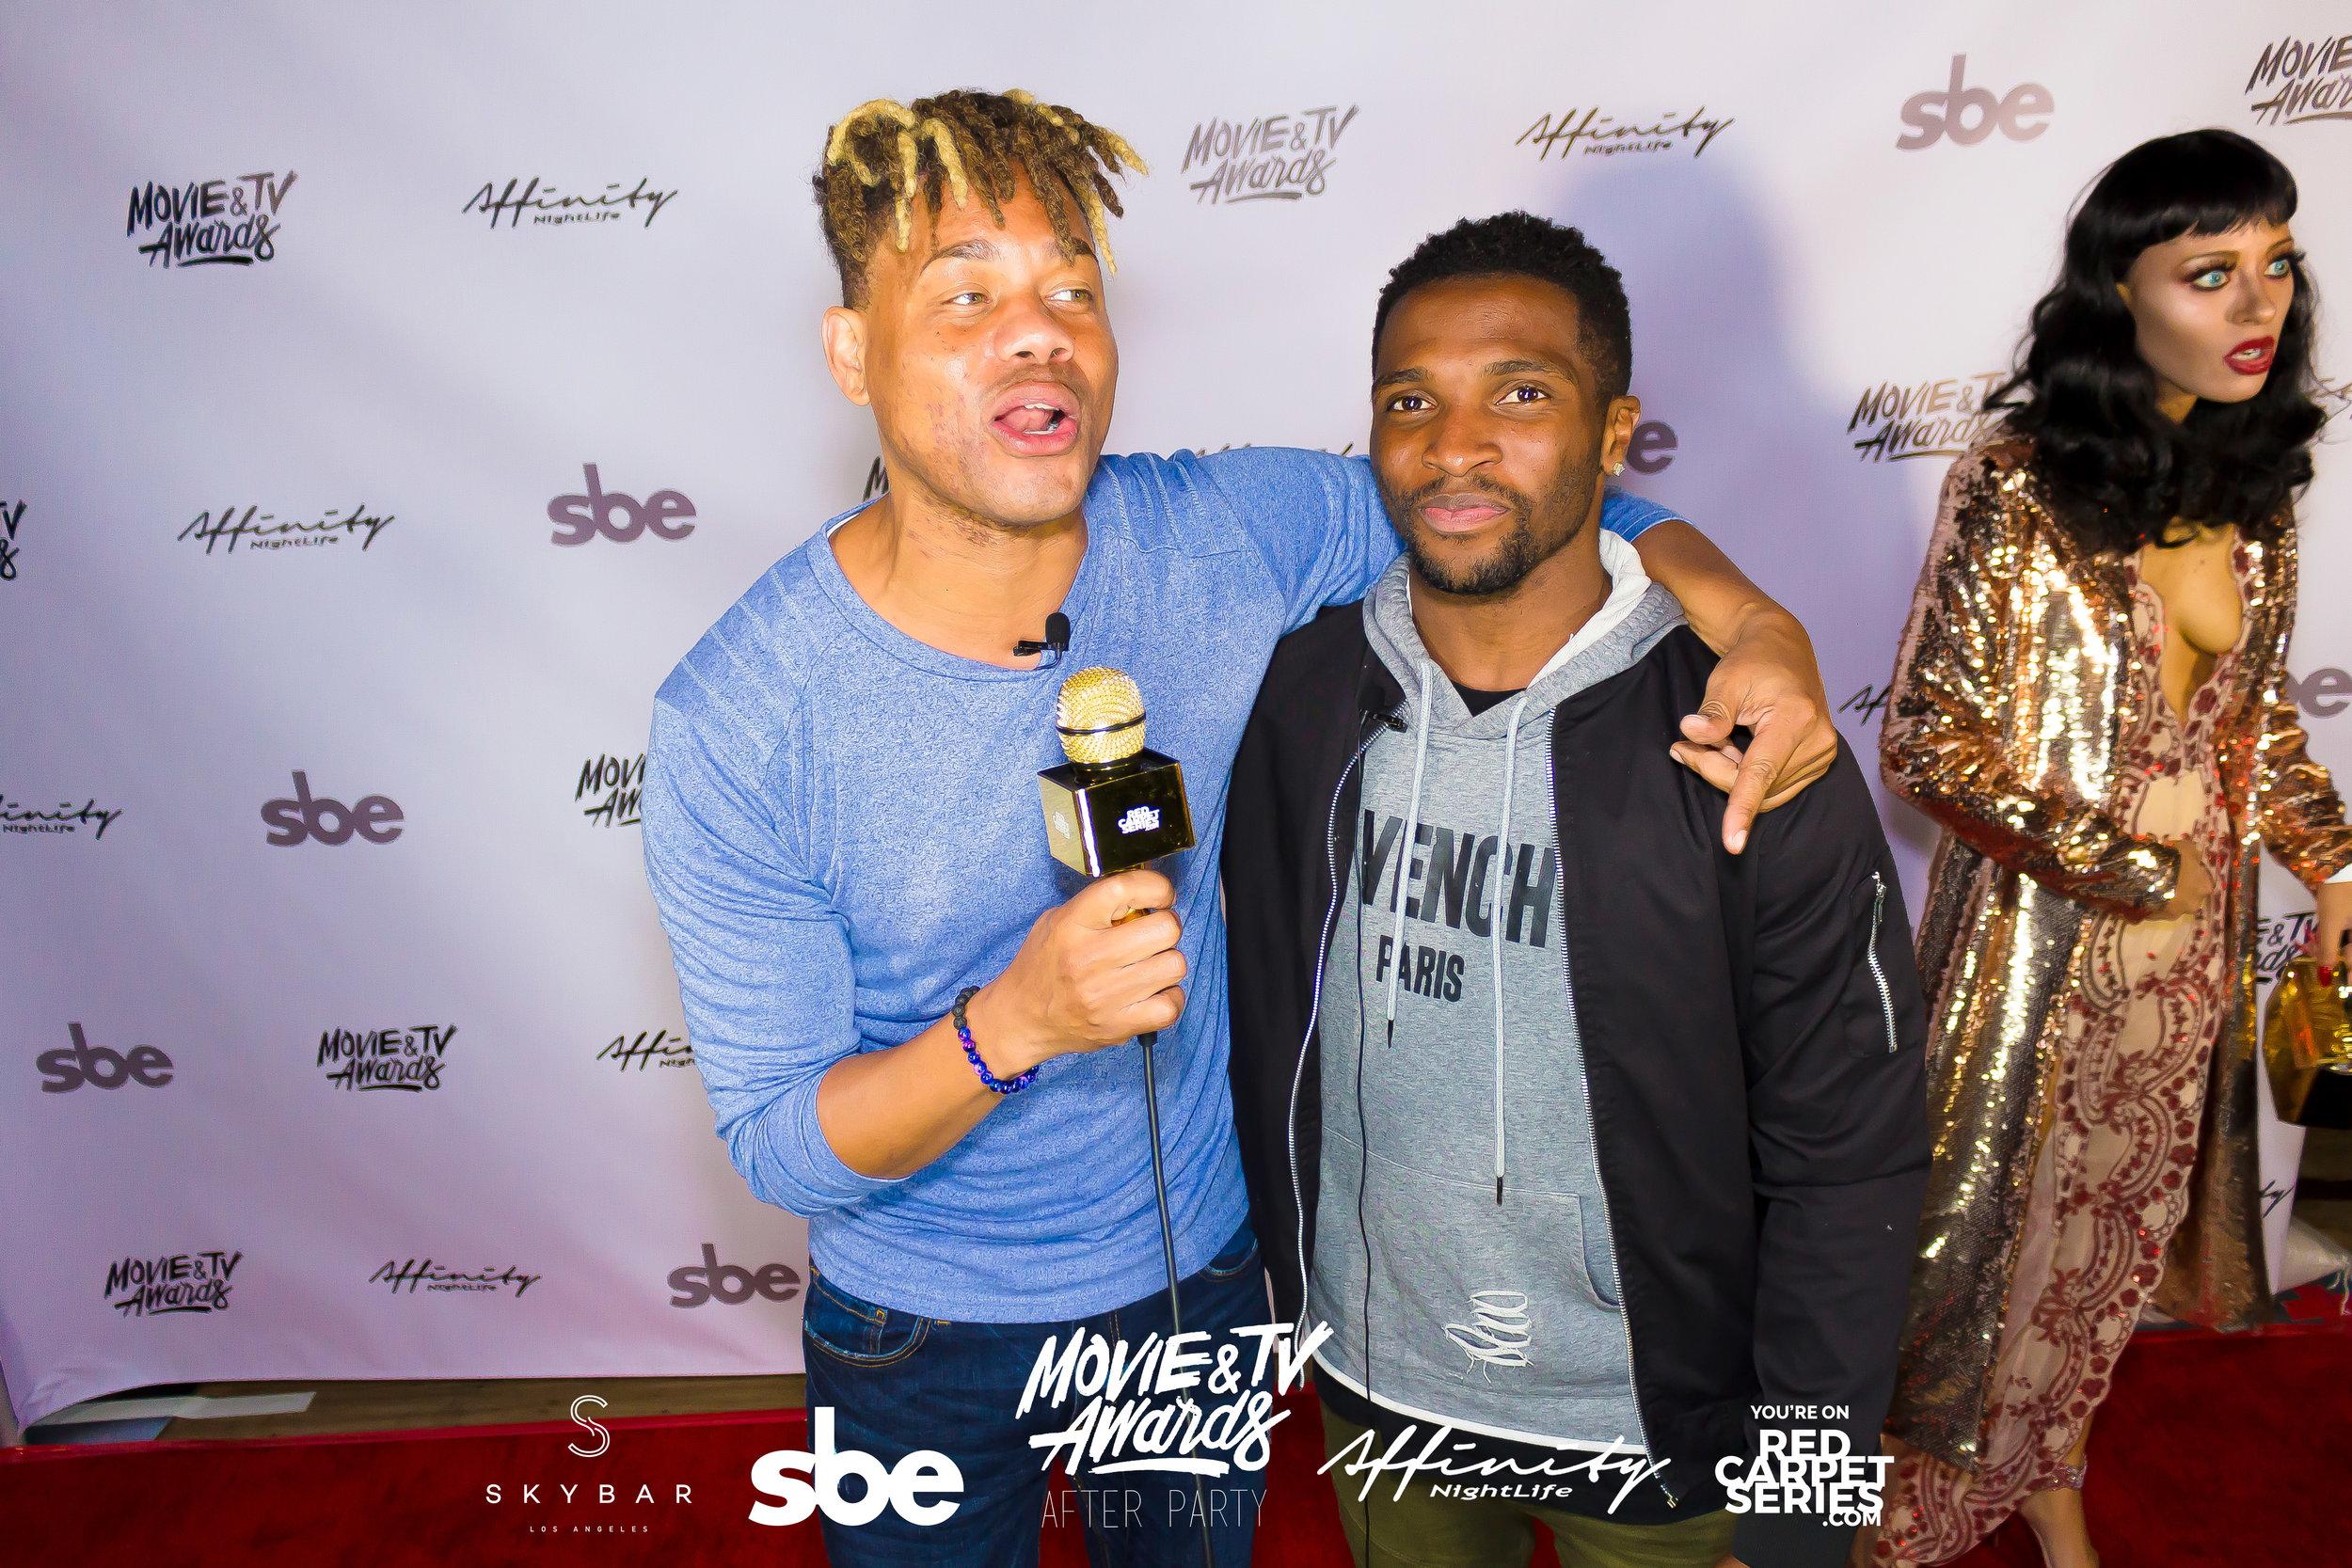 Affinity Nightlife MTV Movie & TV Awards After Party - Skybar at Mondrian - 06-15-19 - Vol. 1_160.jpg